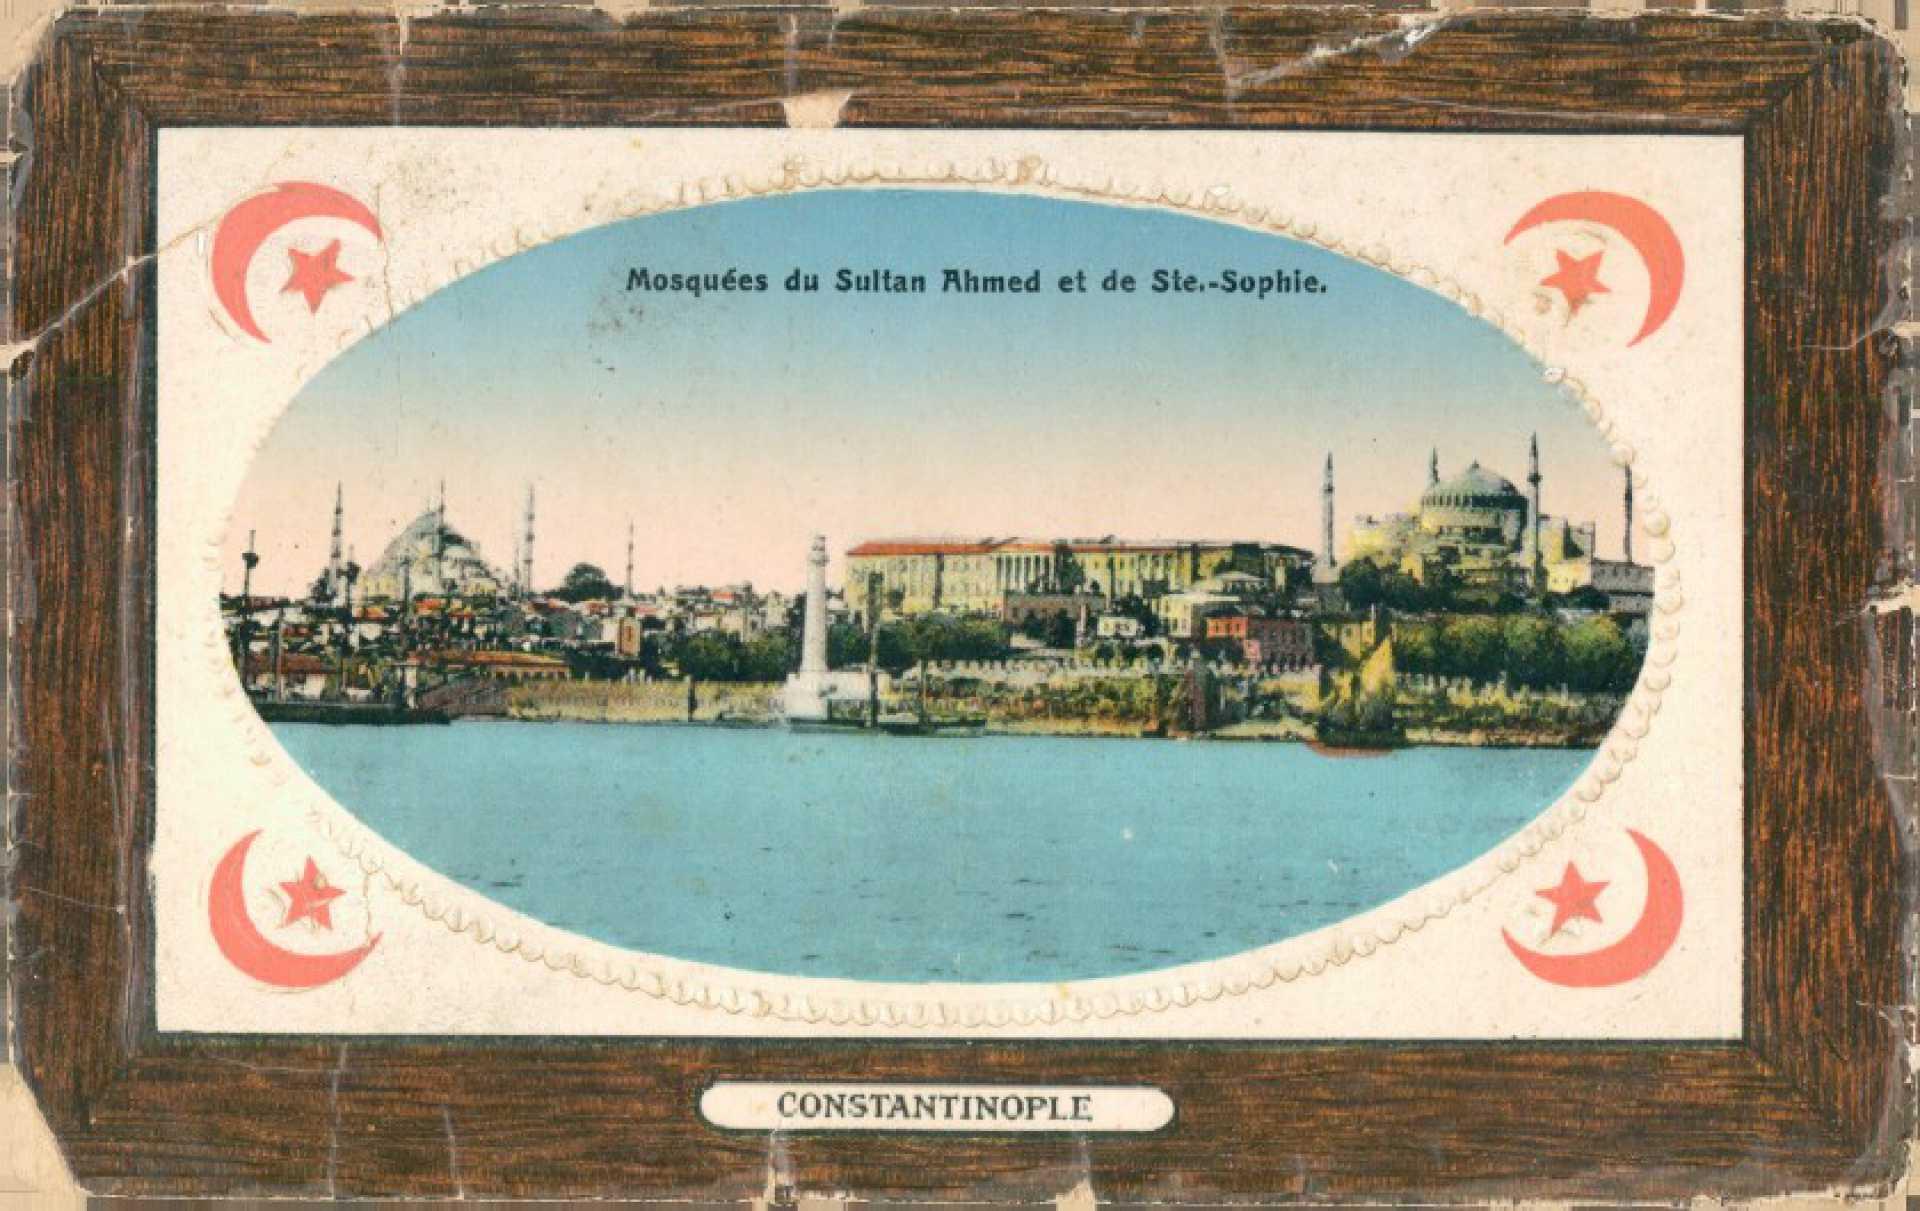 Mosquees du Sultan Ahmed et de Ste. – Sophie